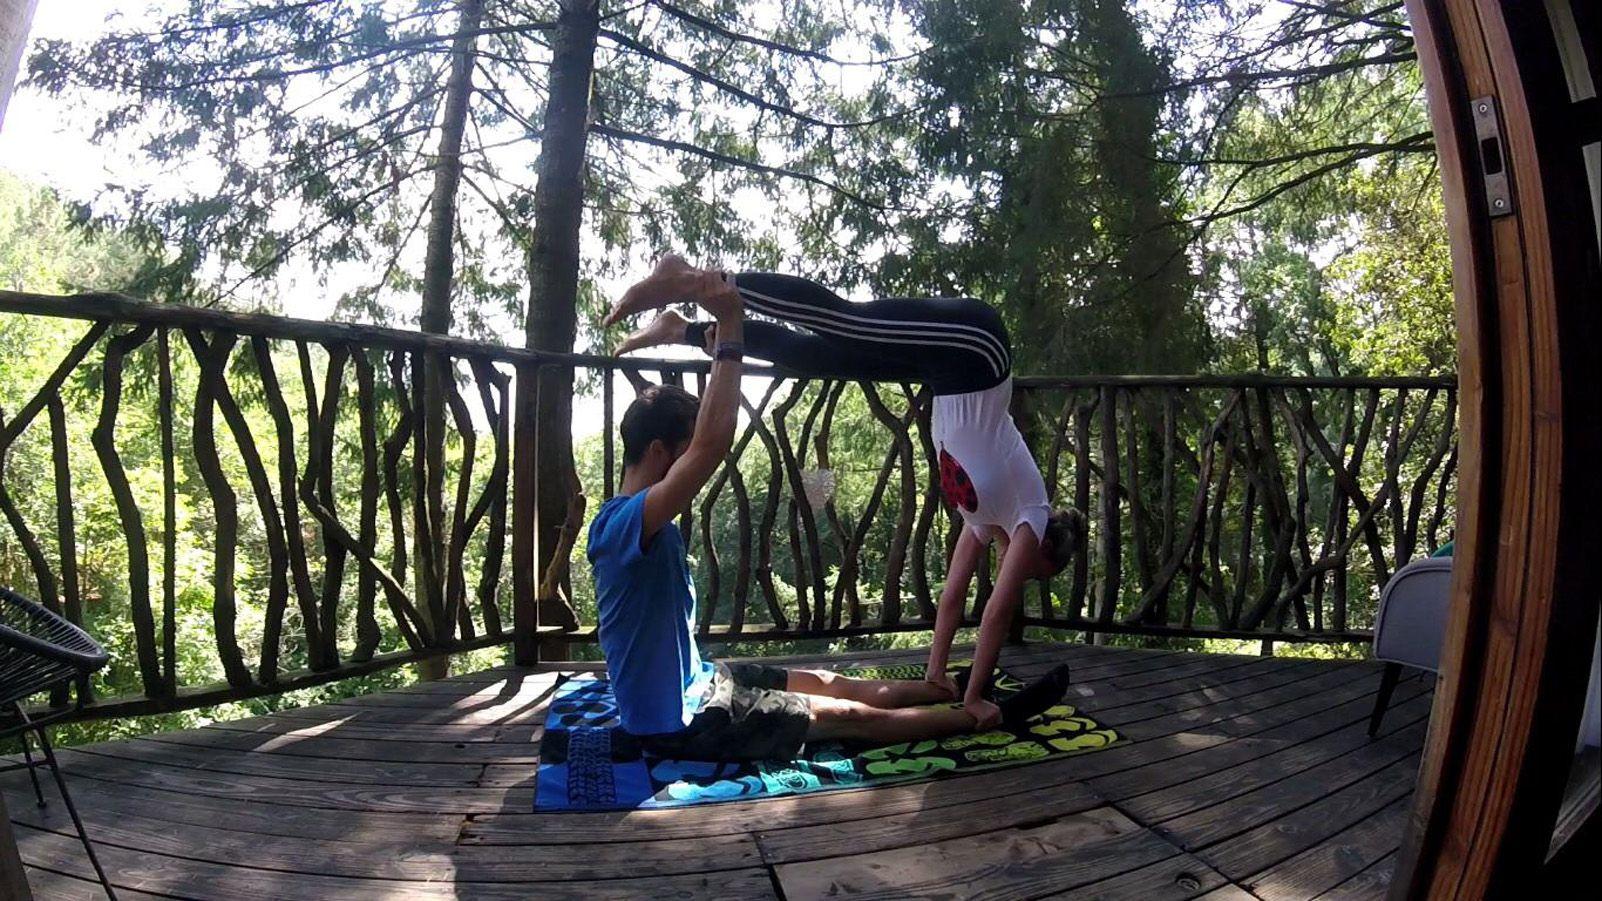 Carles Torres Vilasaló   Yoga en los árboles   Sant Hilari Sacalm, cabanes als arbres